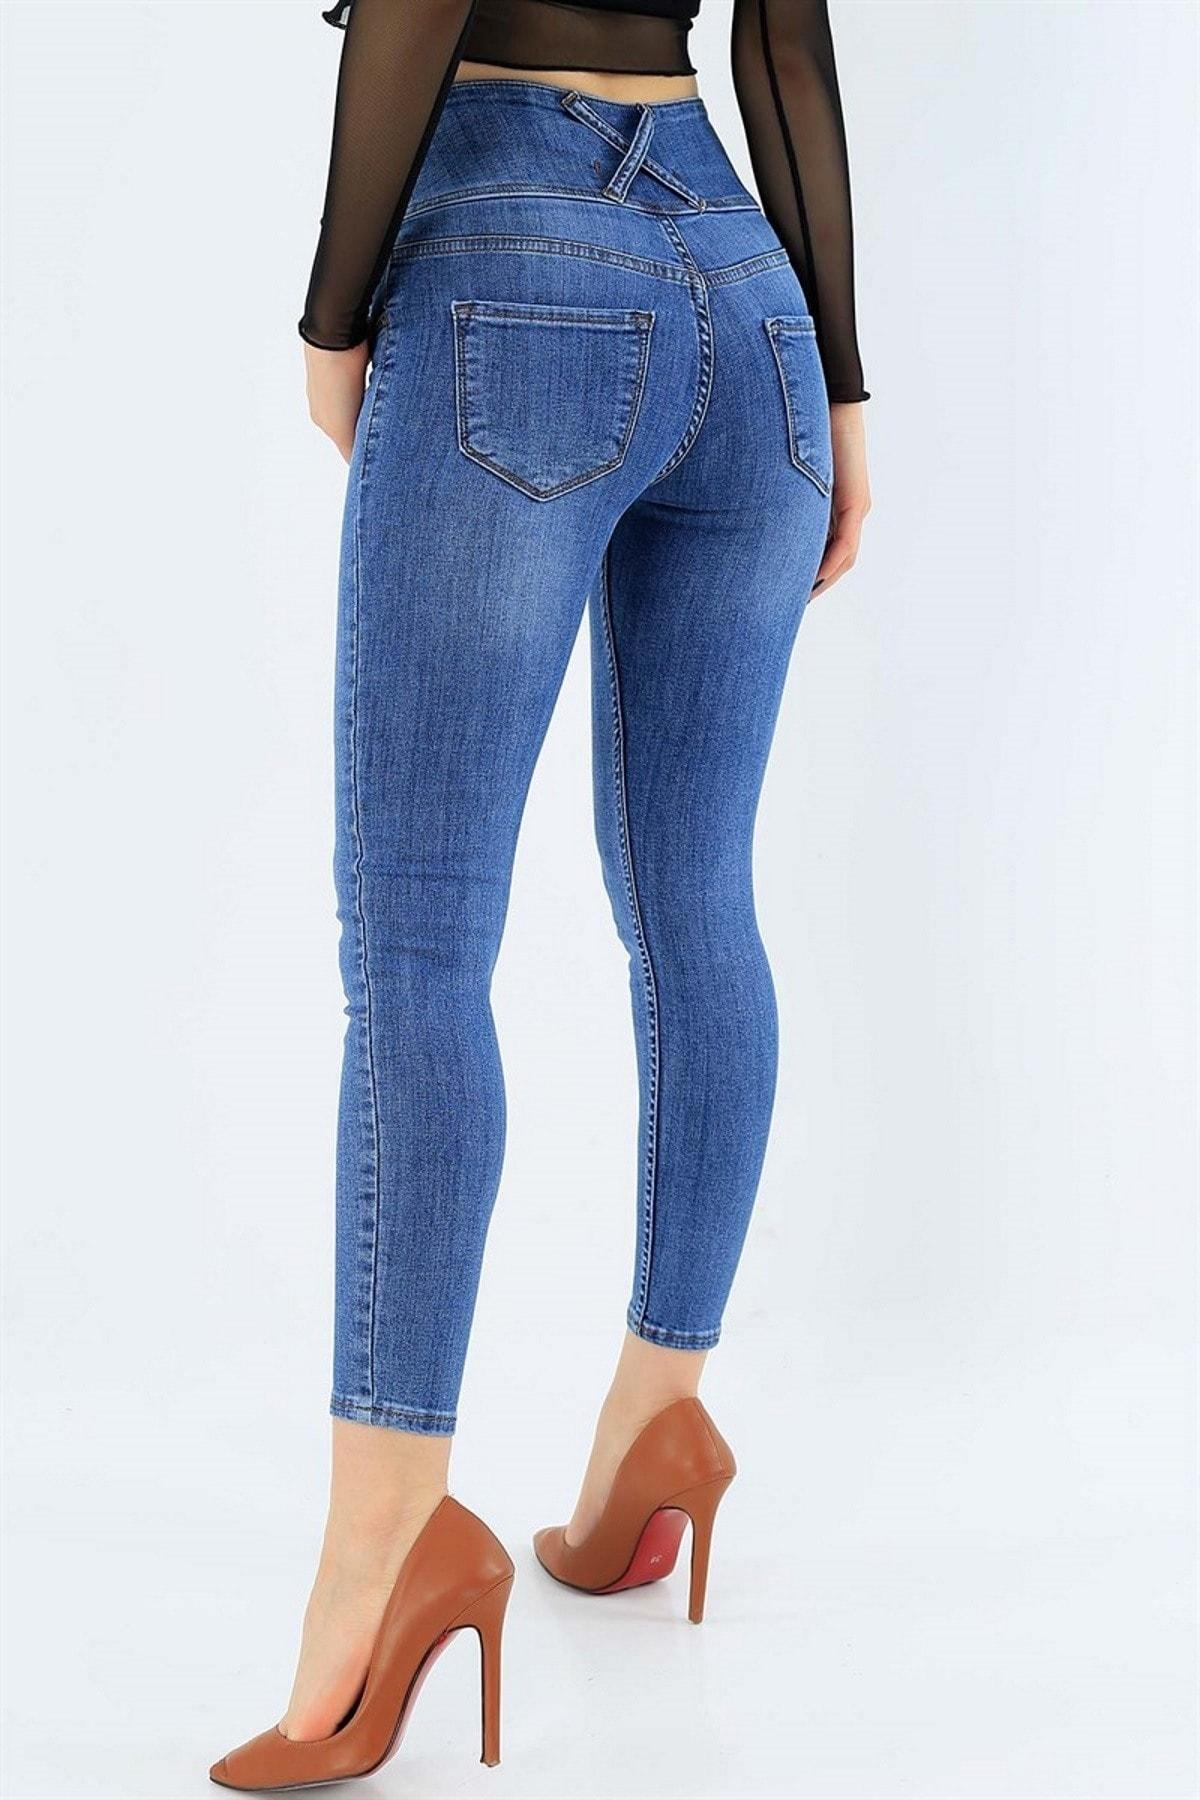 JANES Kadın Mavi Yüksek Bel Jean 1